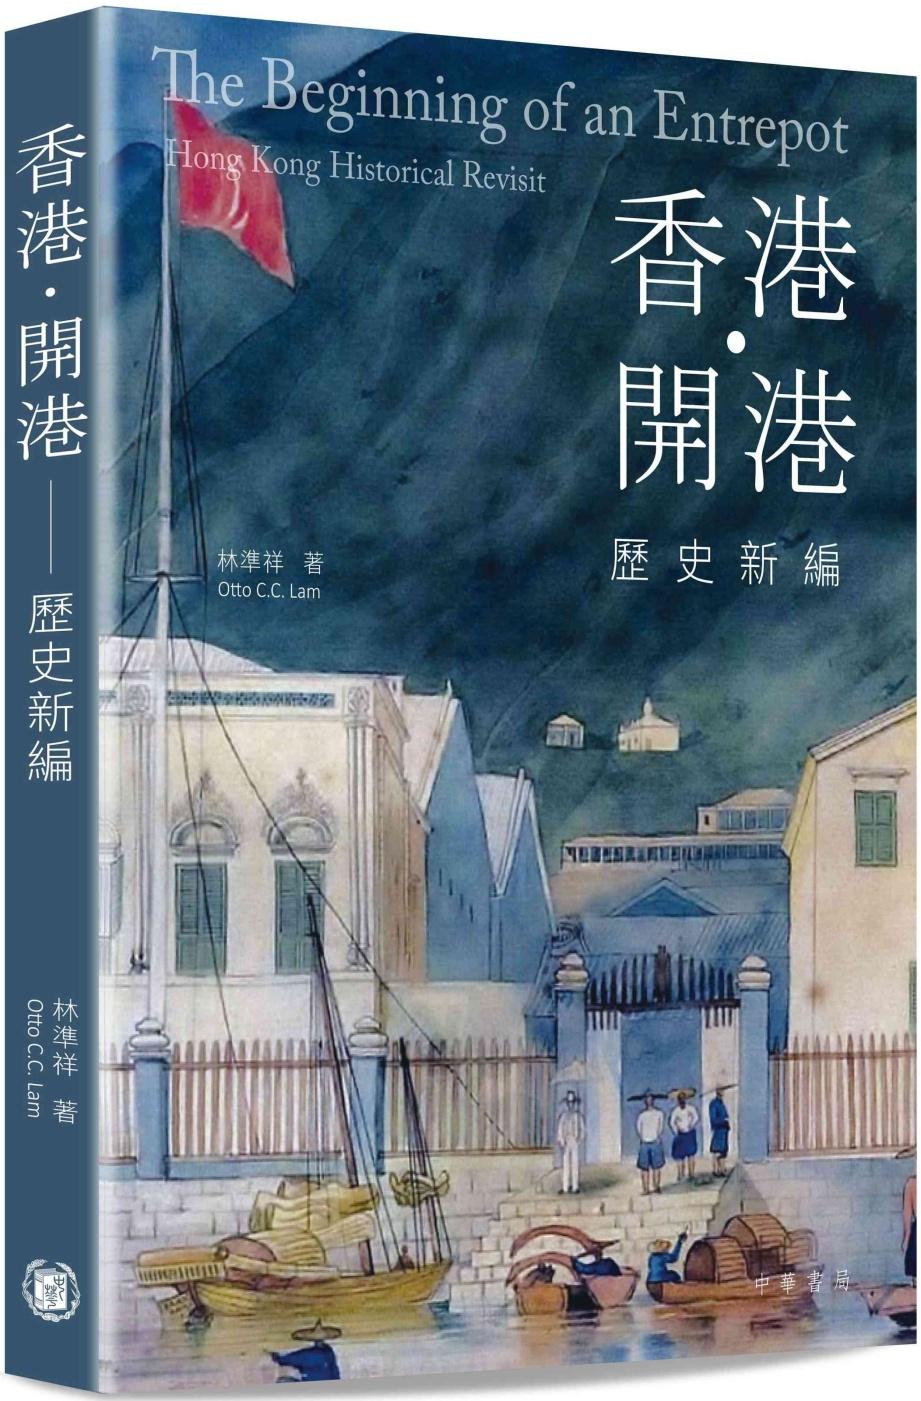 香港‧開港:歷史...